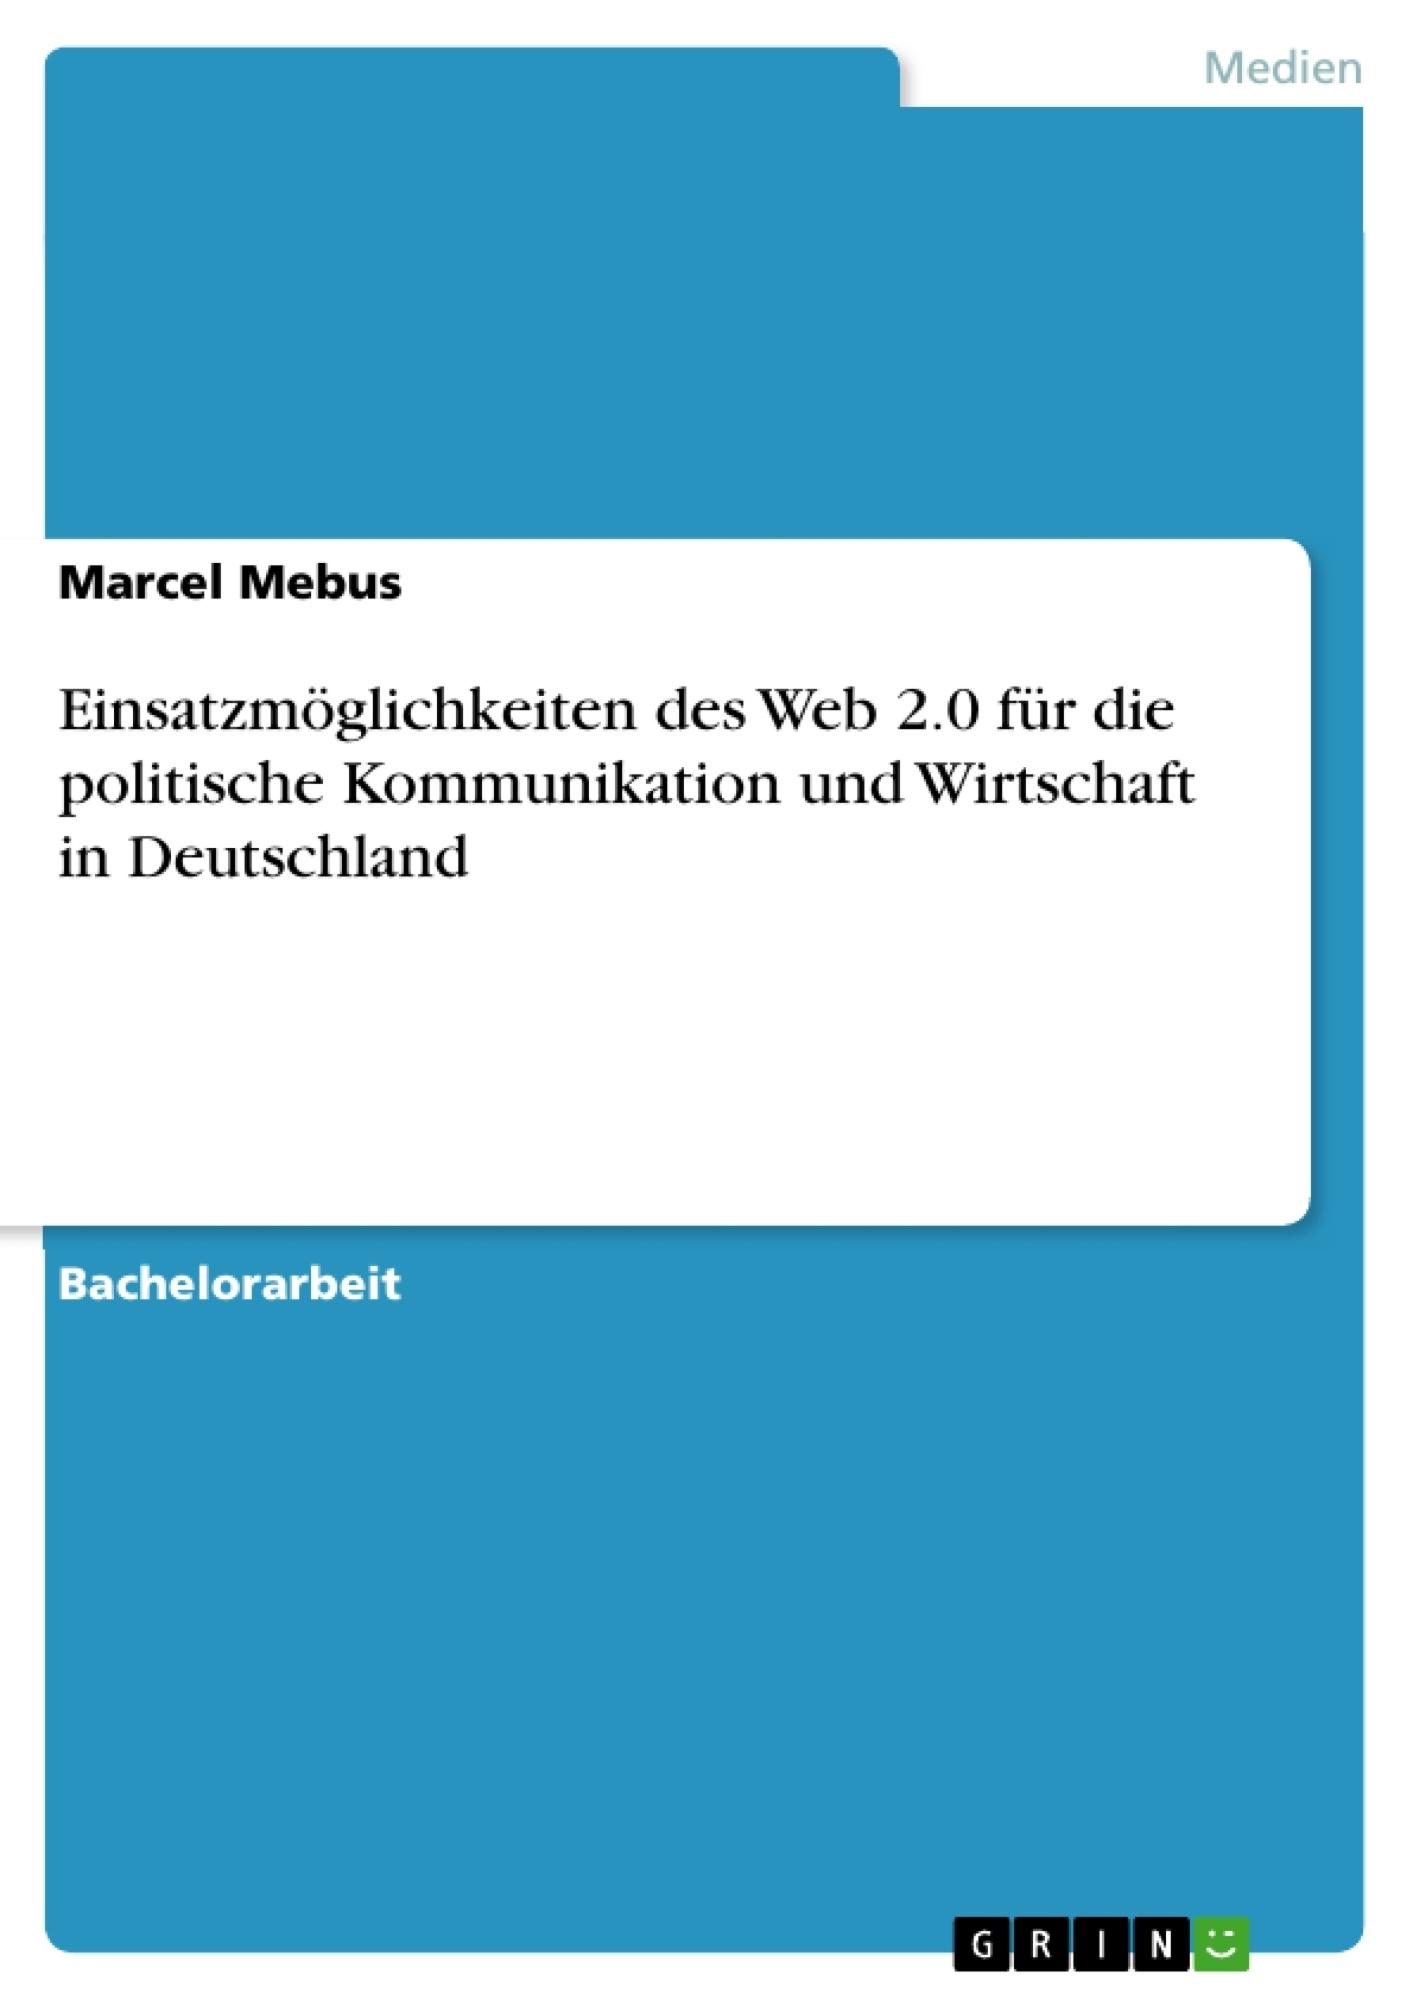 Titel: Einsatzmöglichkeiten des Web 2.0 für die politische Kommunikation und Wirtschaft in Deutschland